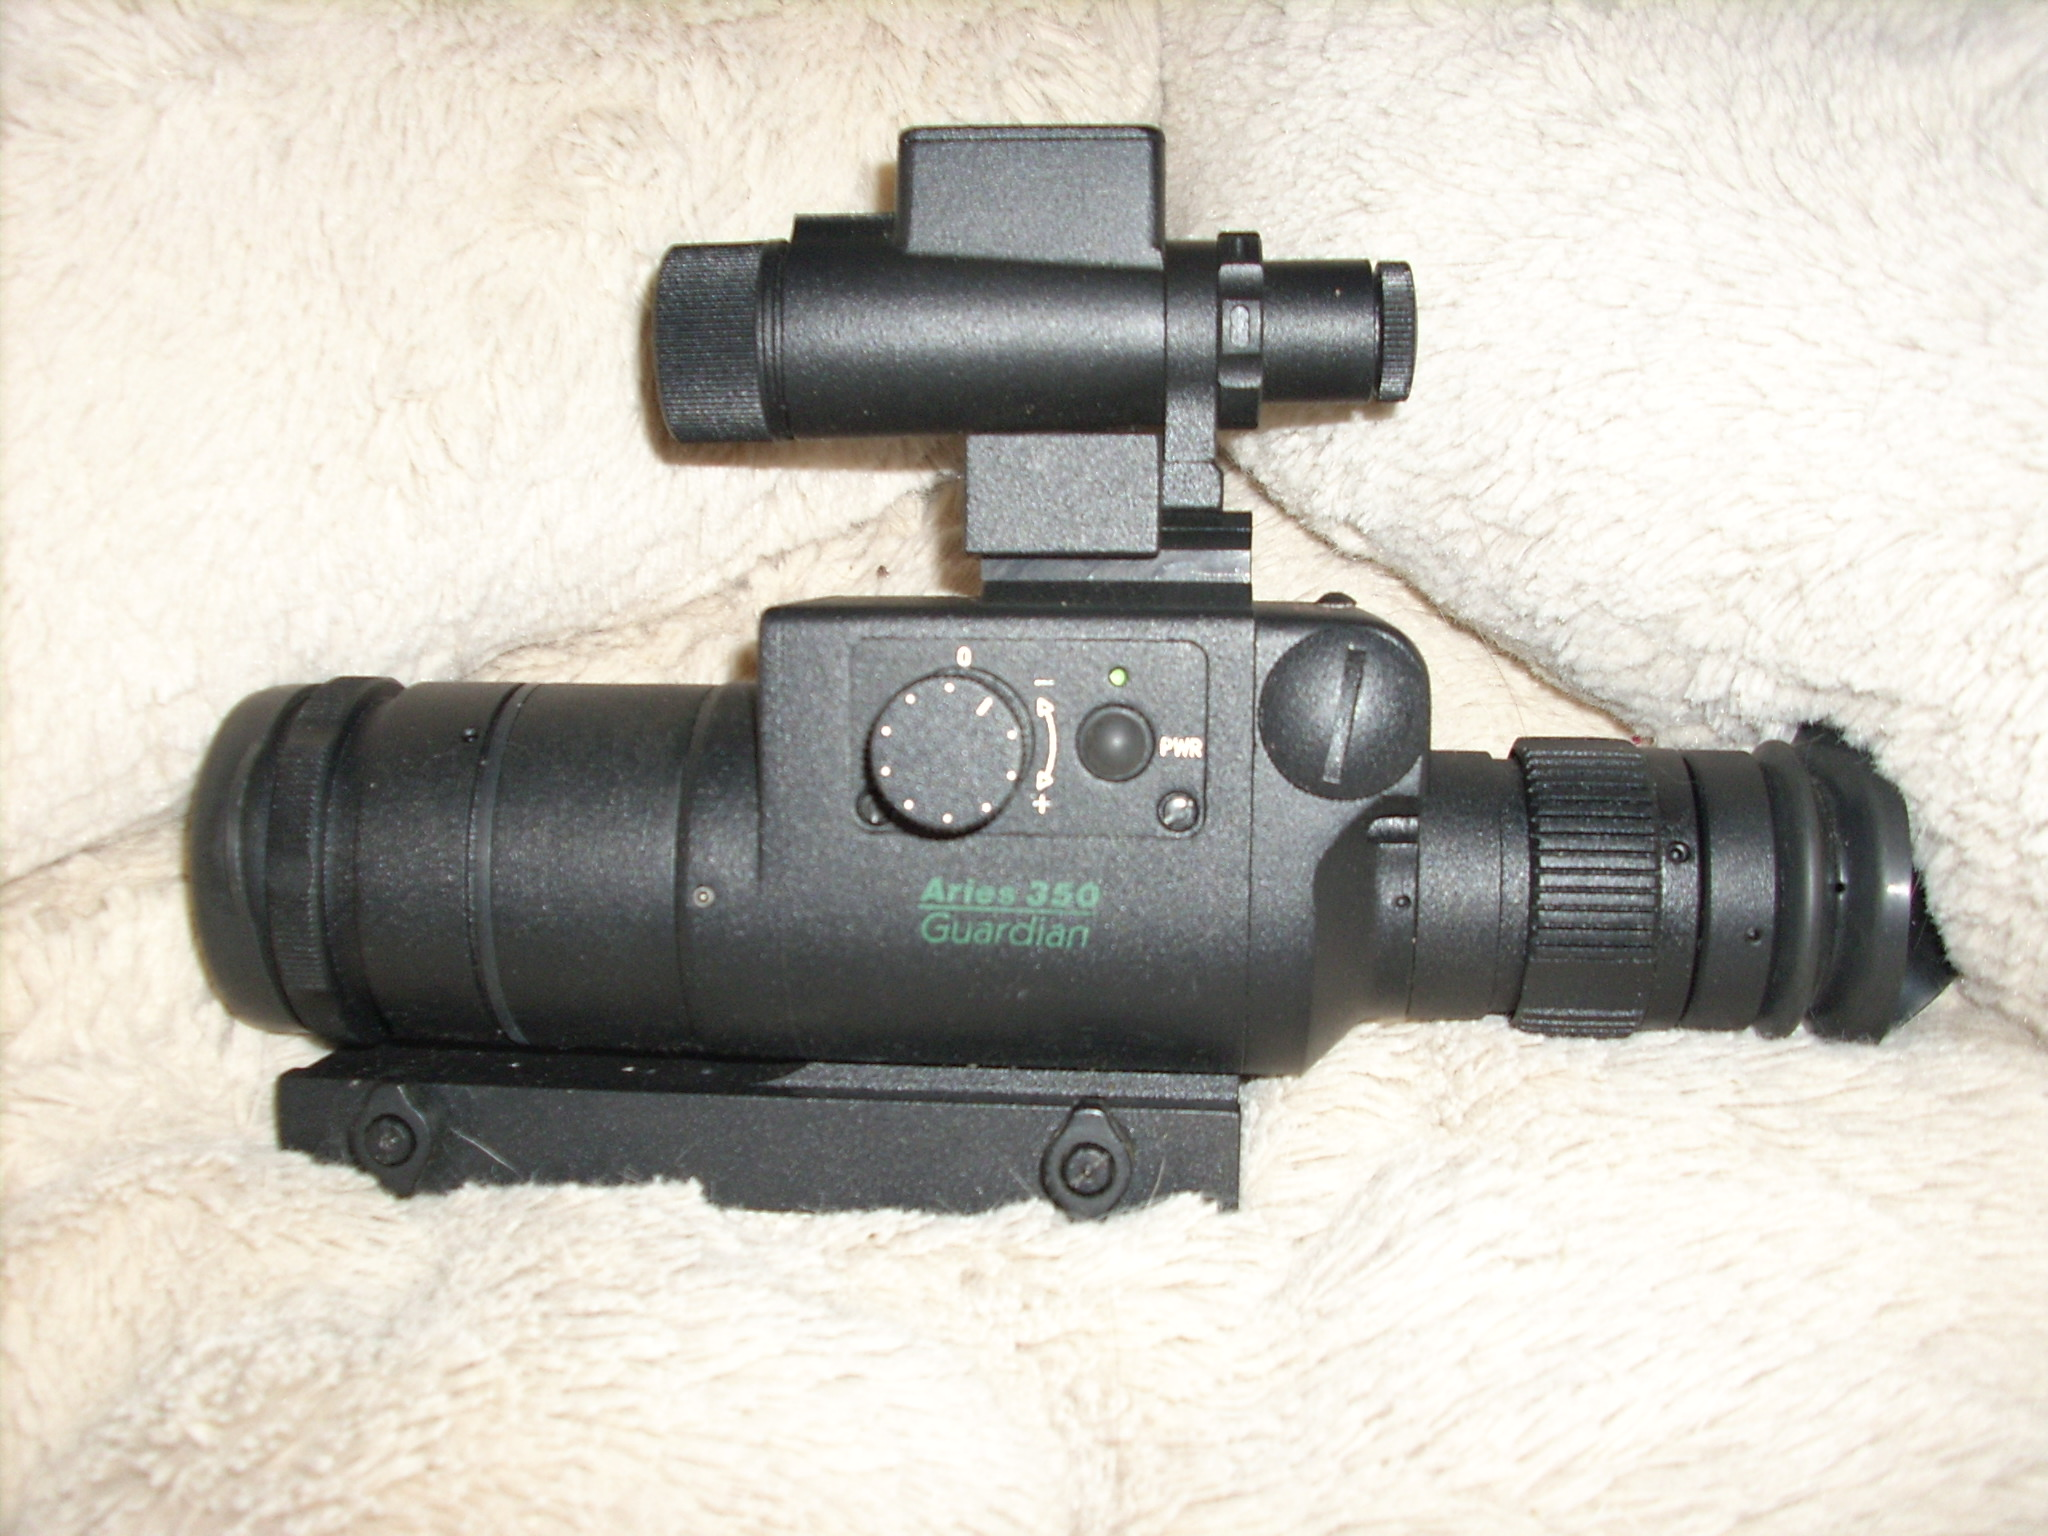 ATN 350 night vision 001.JPG